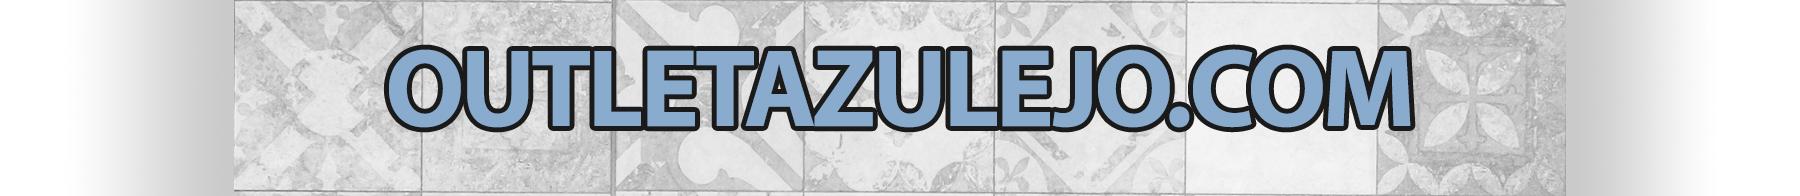 outletazulejo.com